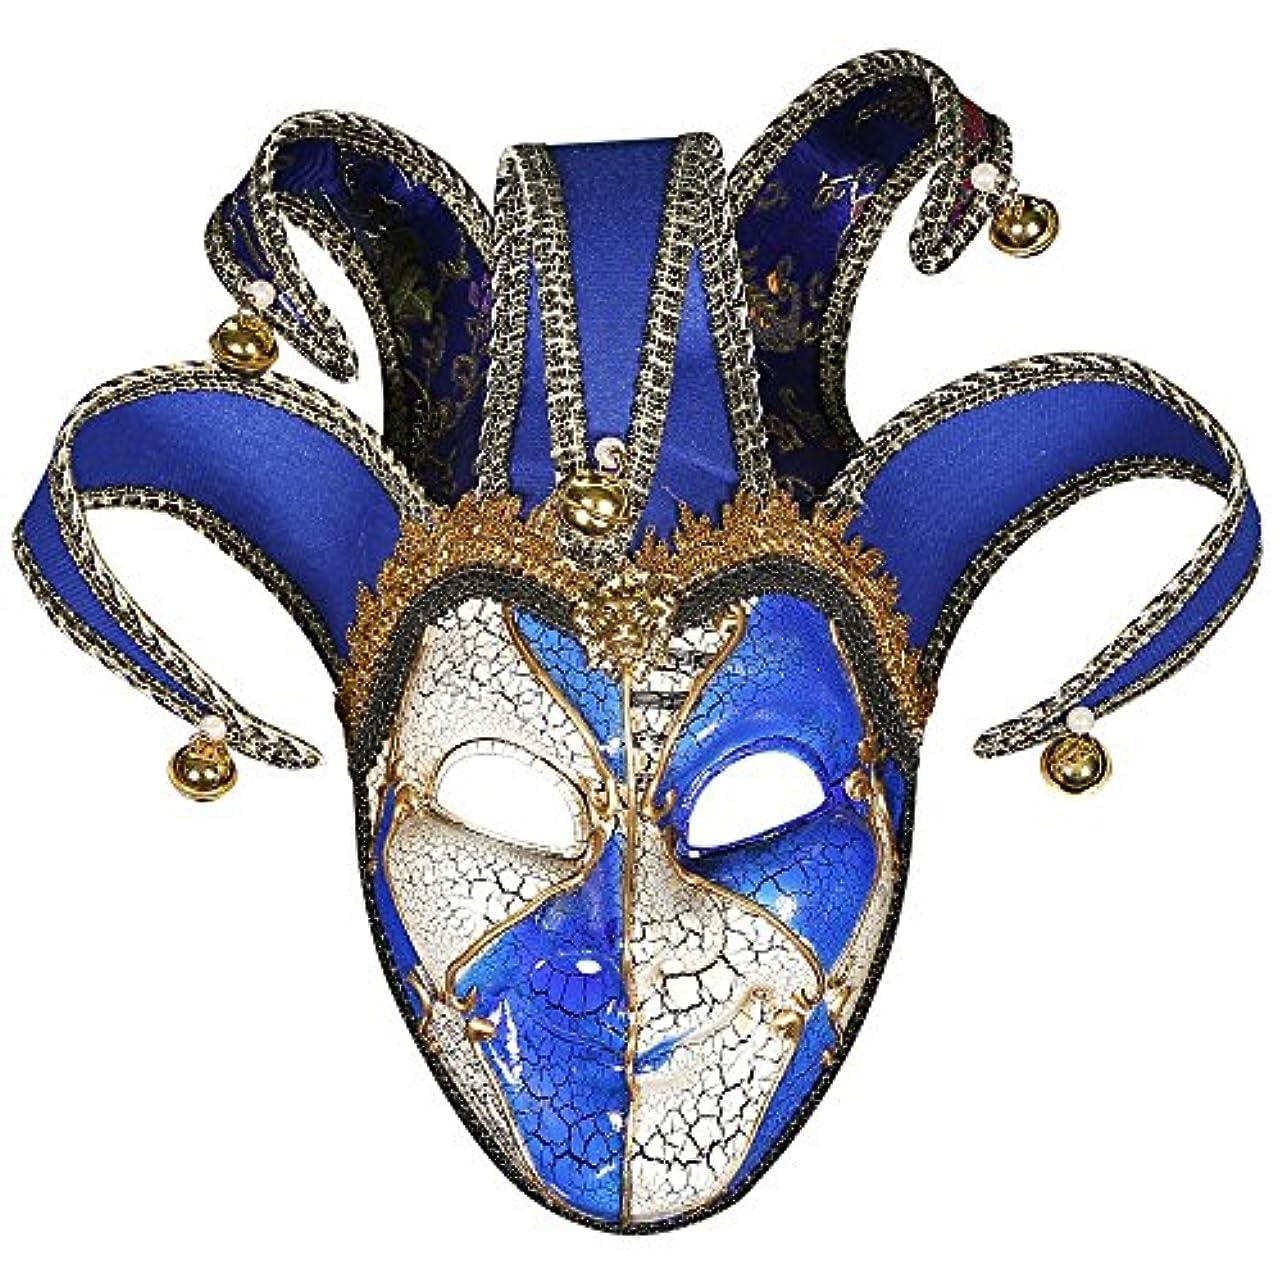 レクリエーション荒涼としたリスハイエンドの美しいクラックフェスティバル仮面舞踏会マスクハロウィーン誕生日パーティーピエロマスク (Color : C)